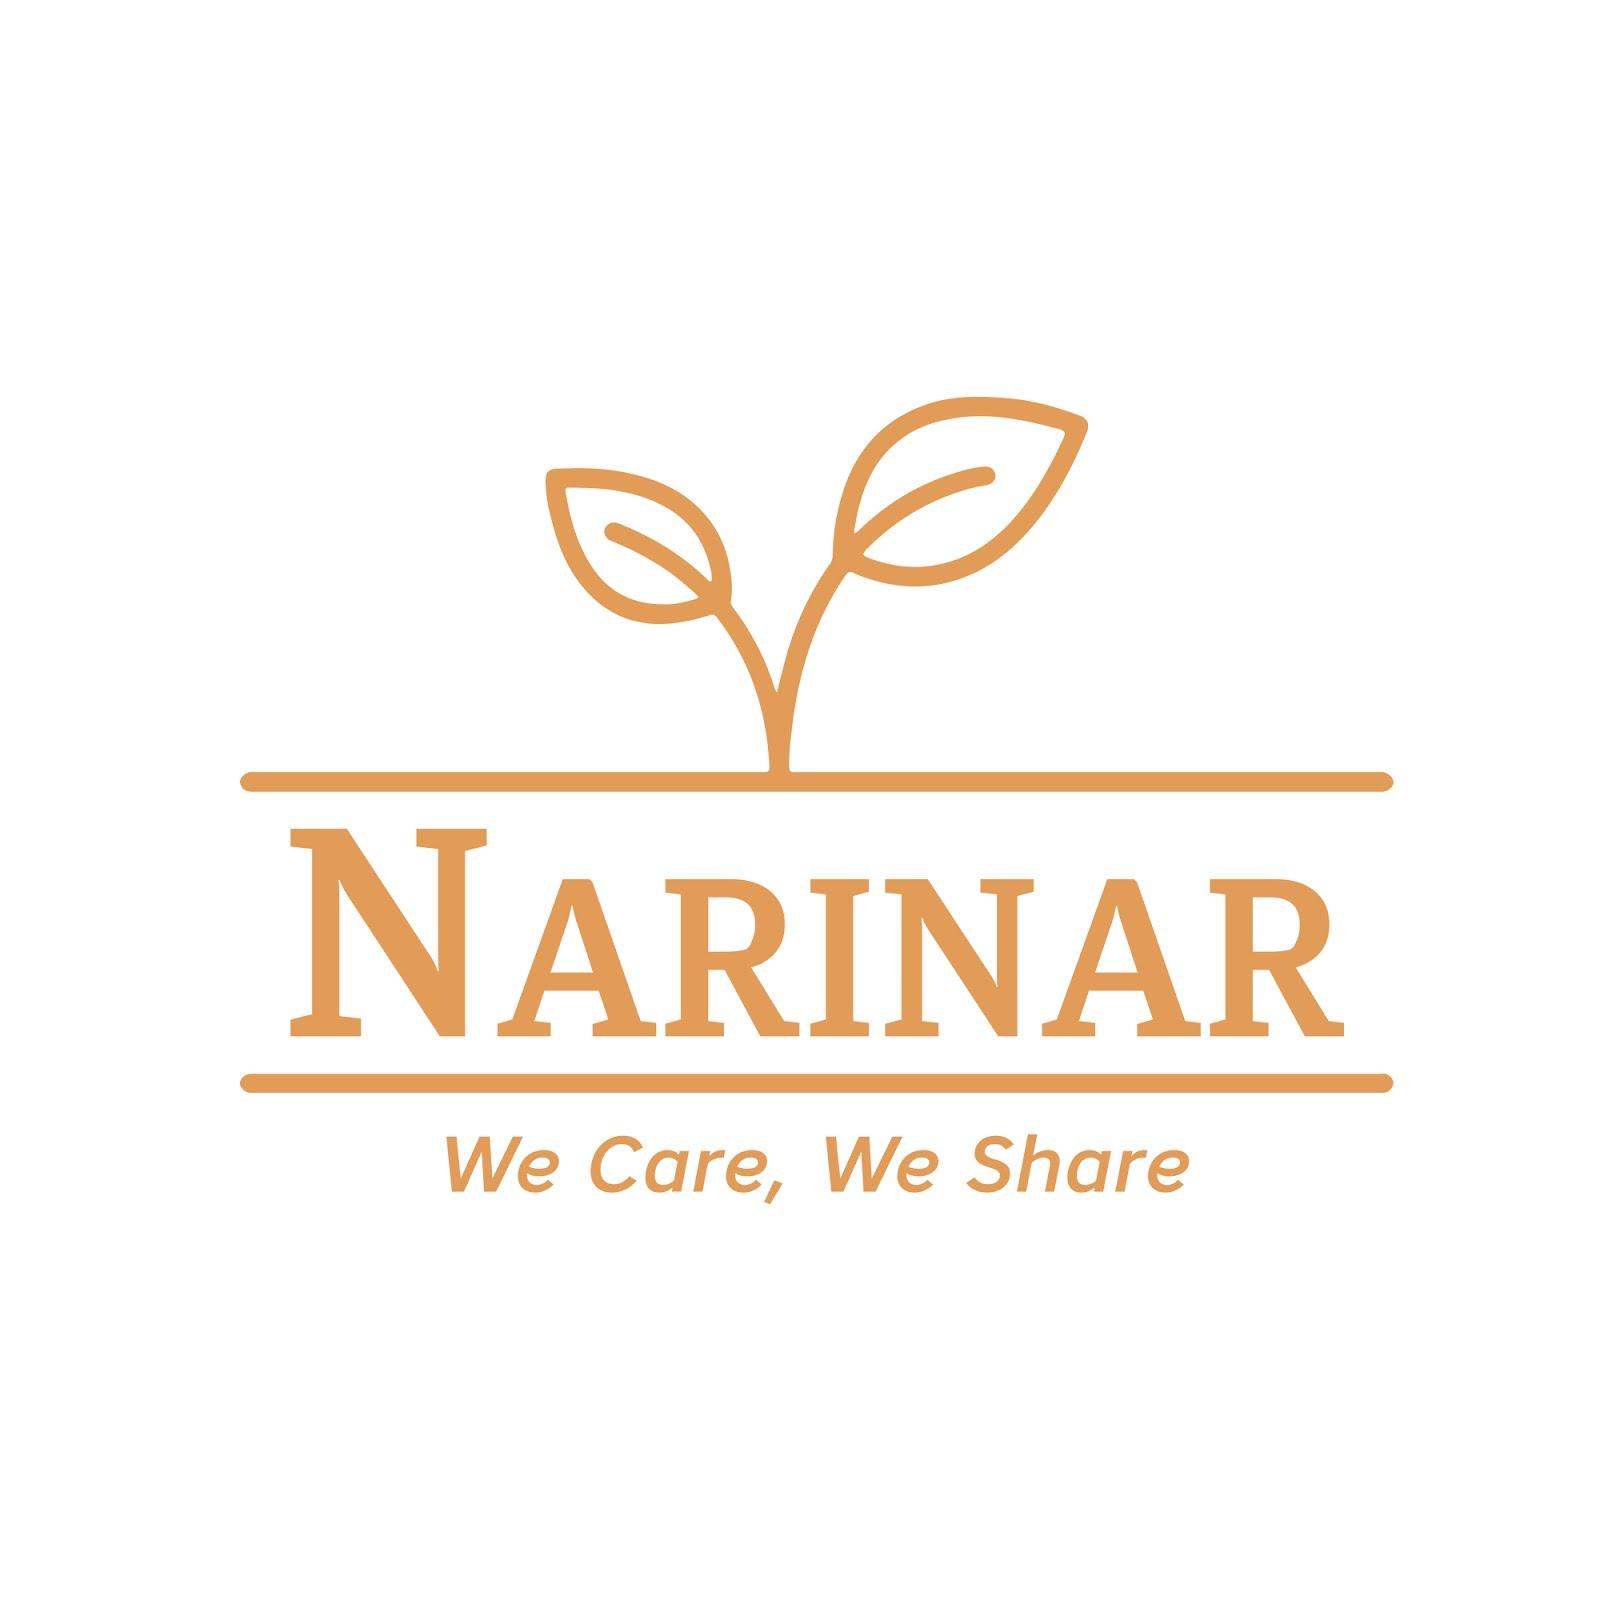 NARINAR Natural